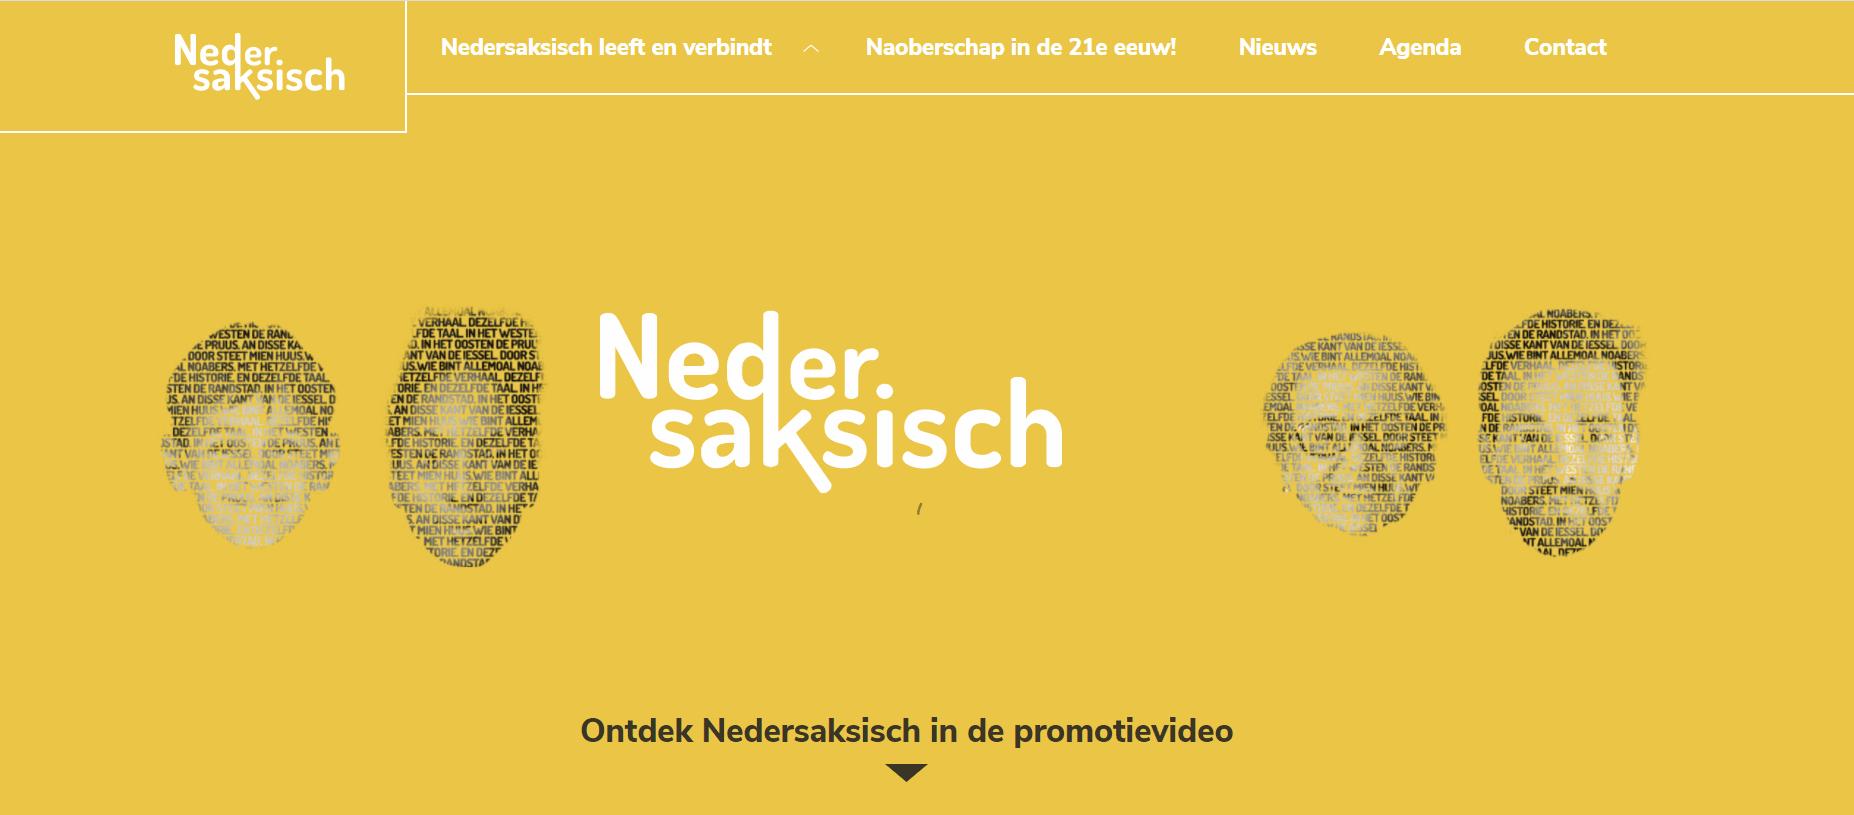 Hollandsk up nye websteade Nedersaksisch.com ougstet vöäral unbegrip